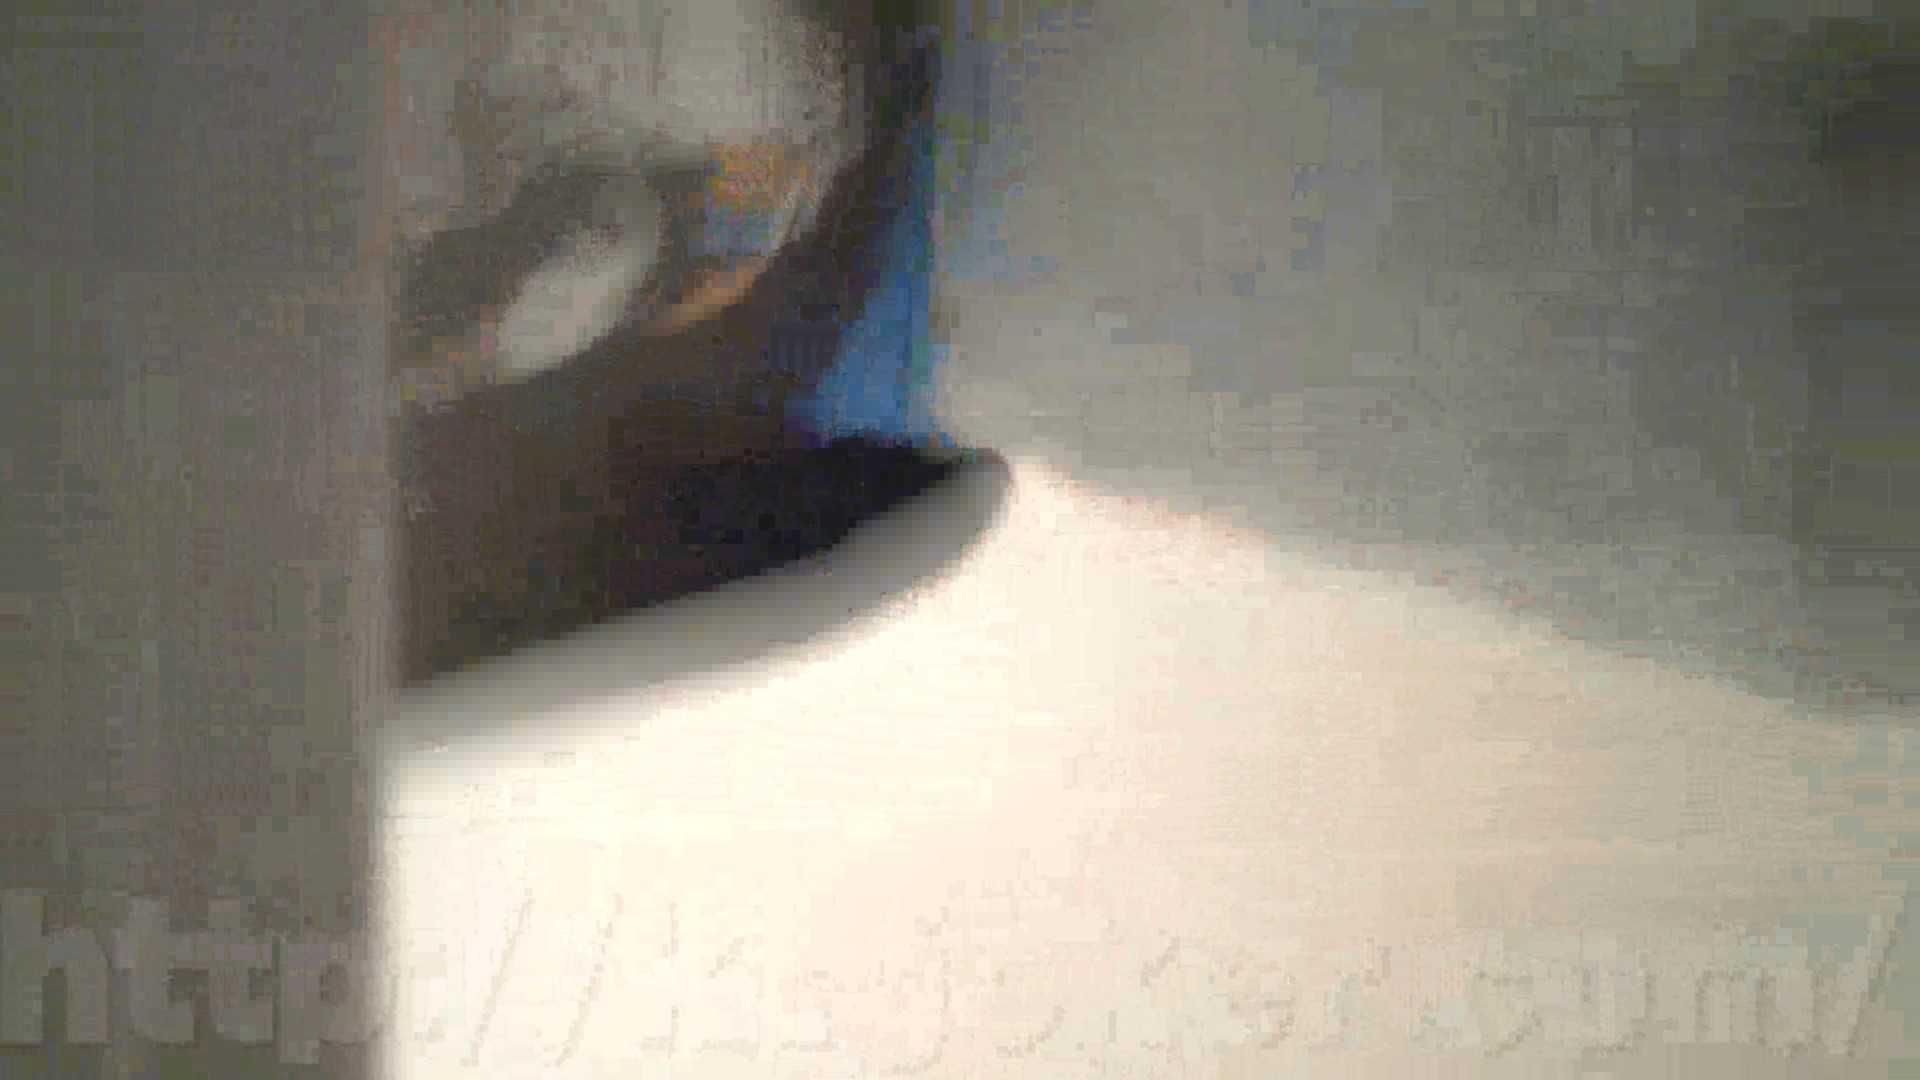 某有名大学女性洗面所 vol.30 OLハメ撮り  62Pix 4